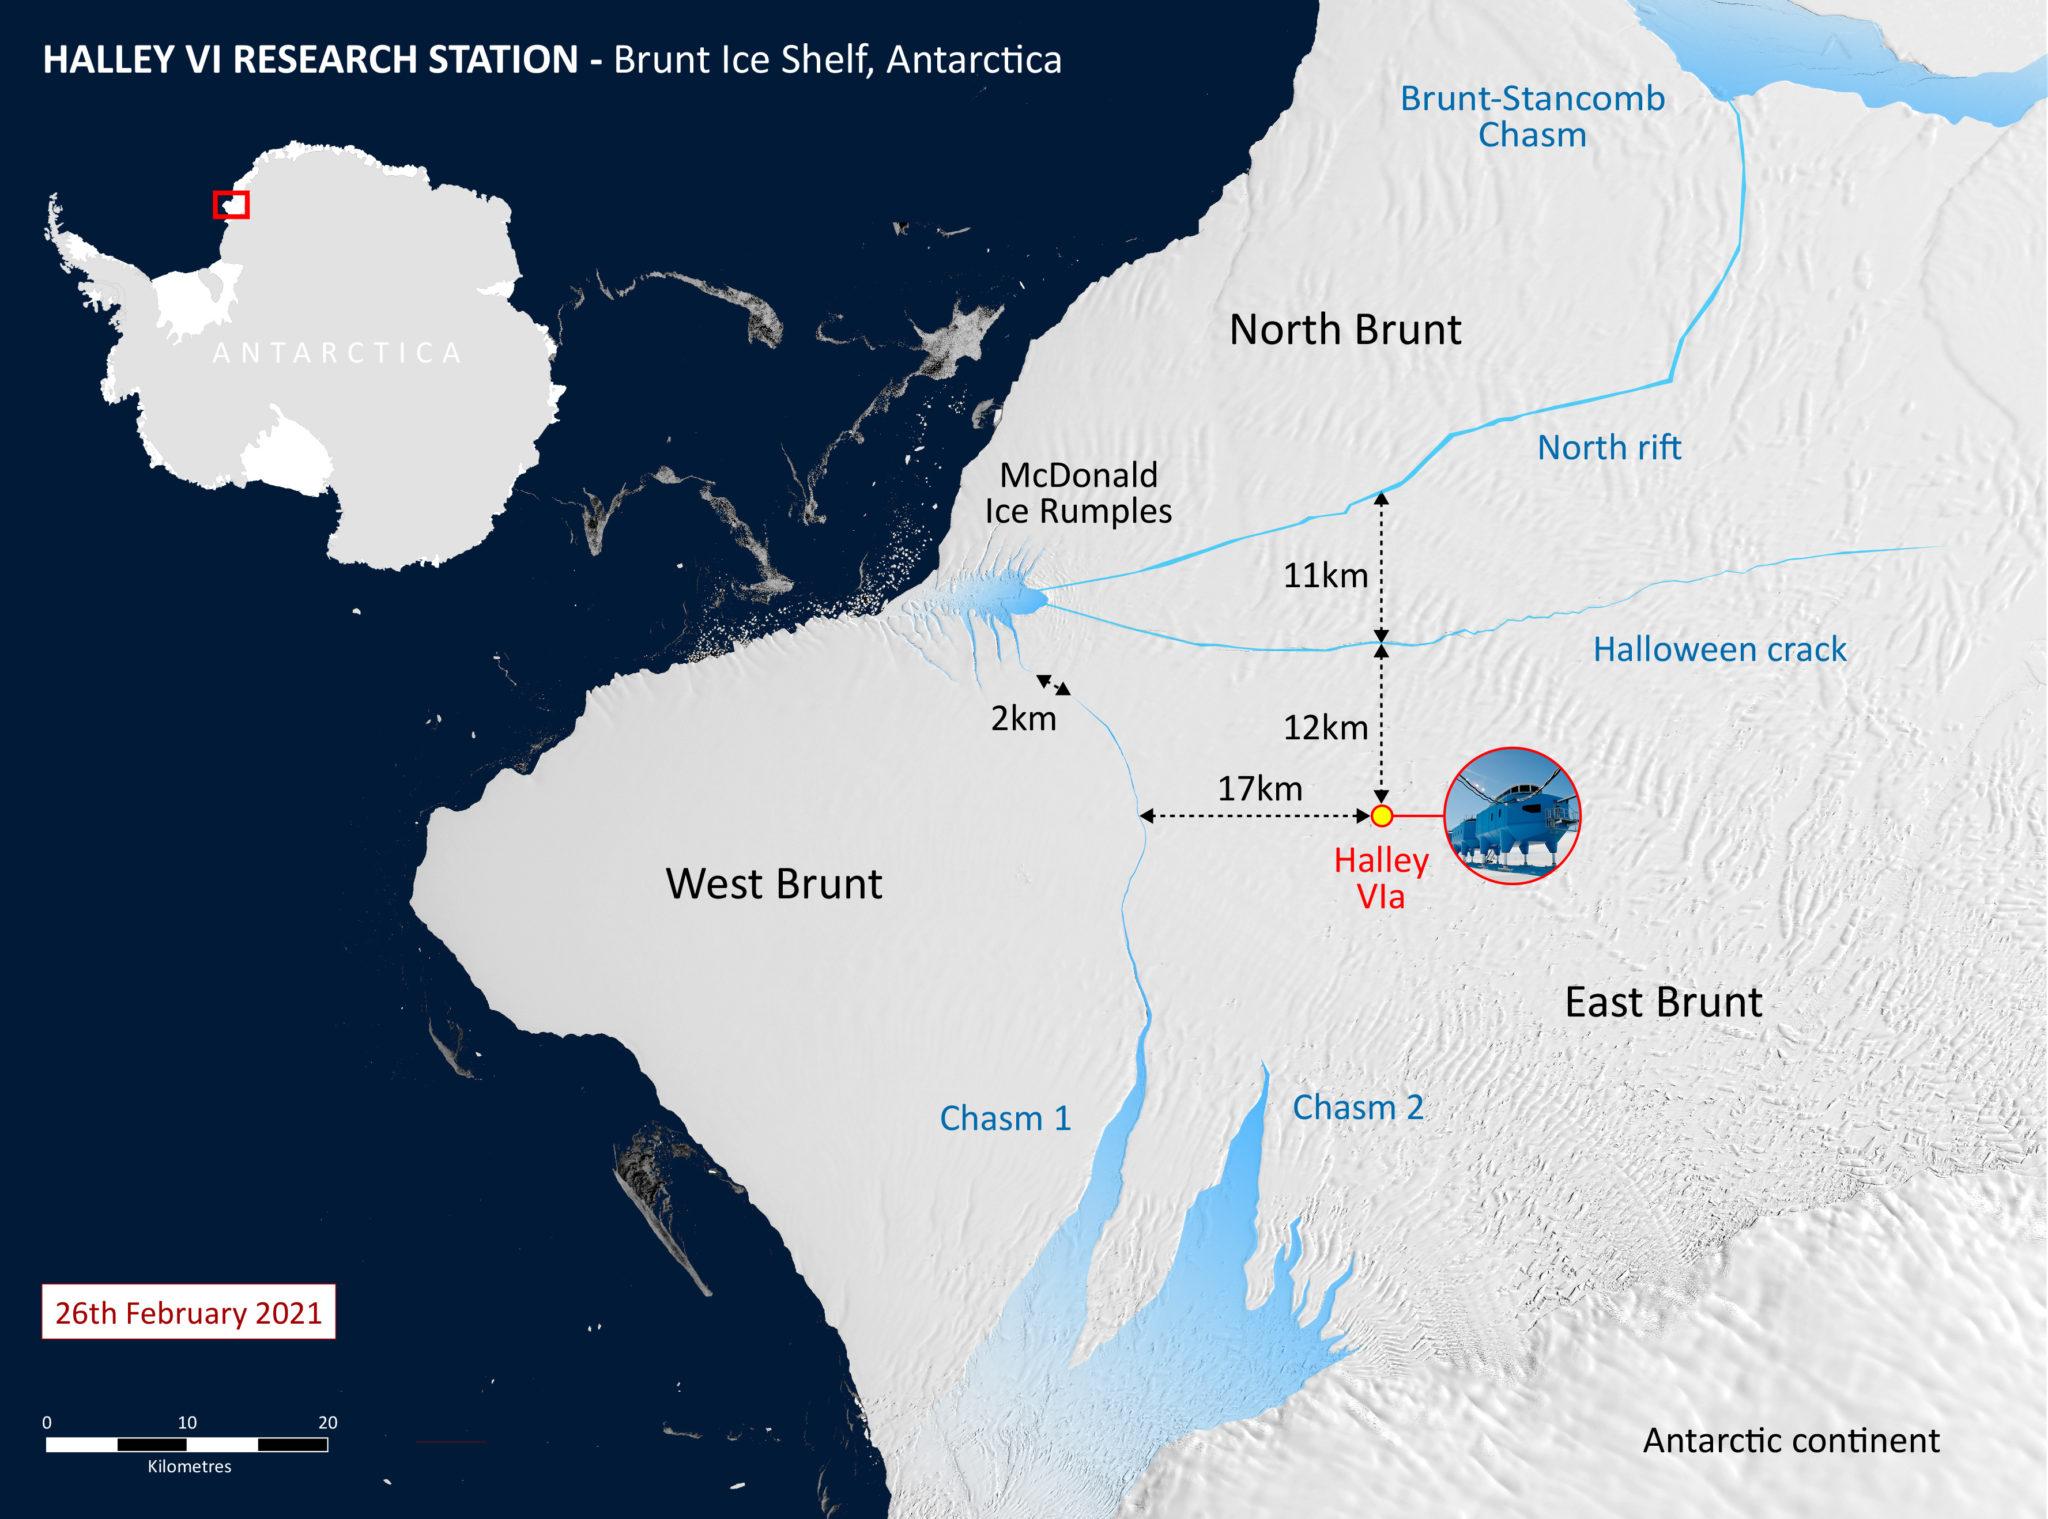 Une carte montre la station de recherche Halley VI par rapport à la fissure du rift nord.